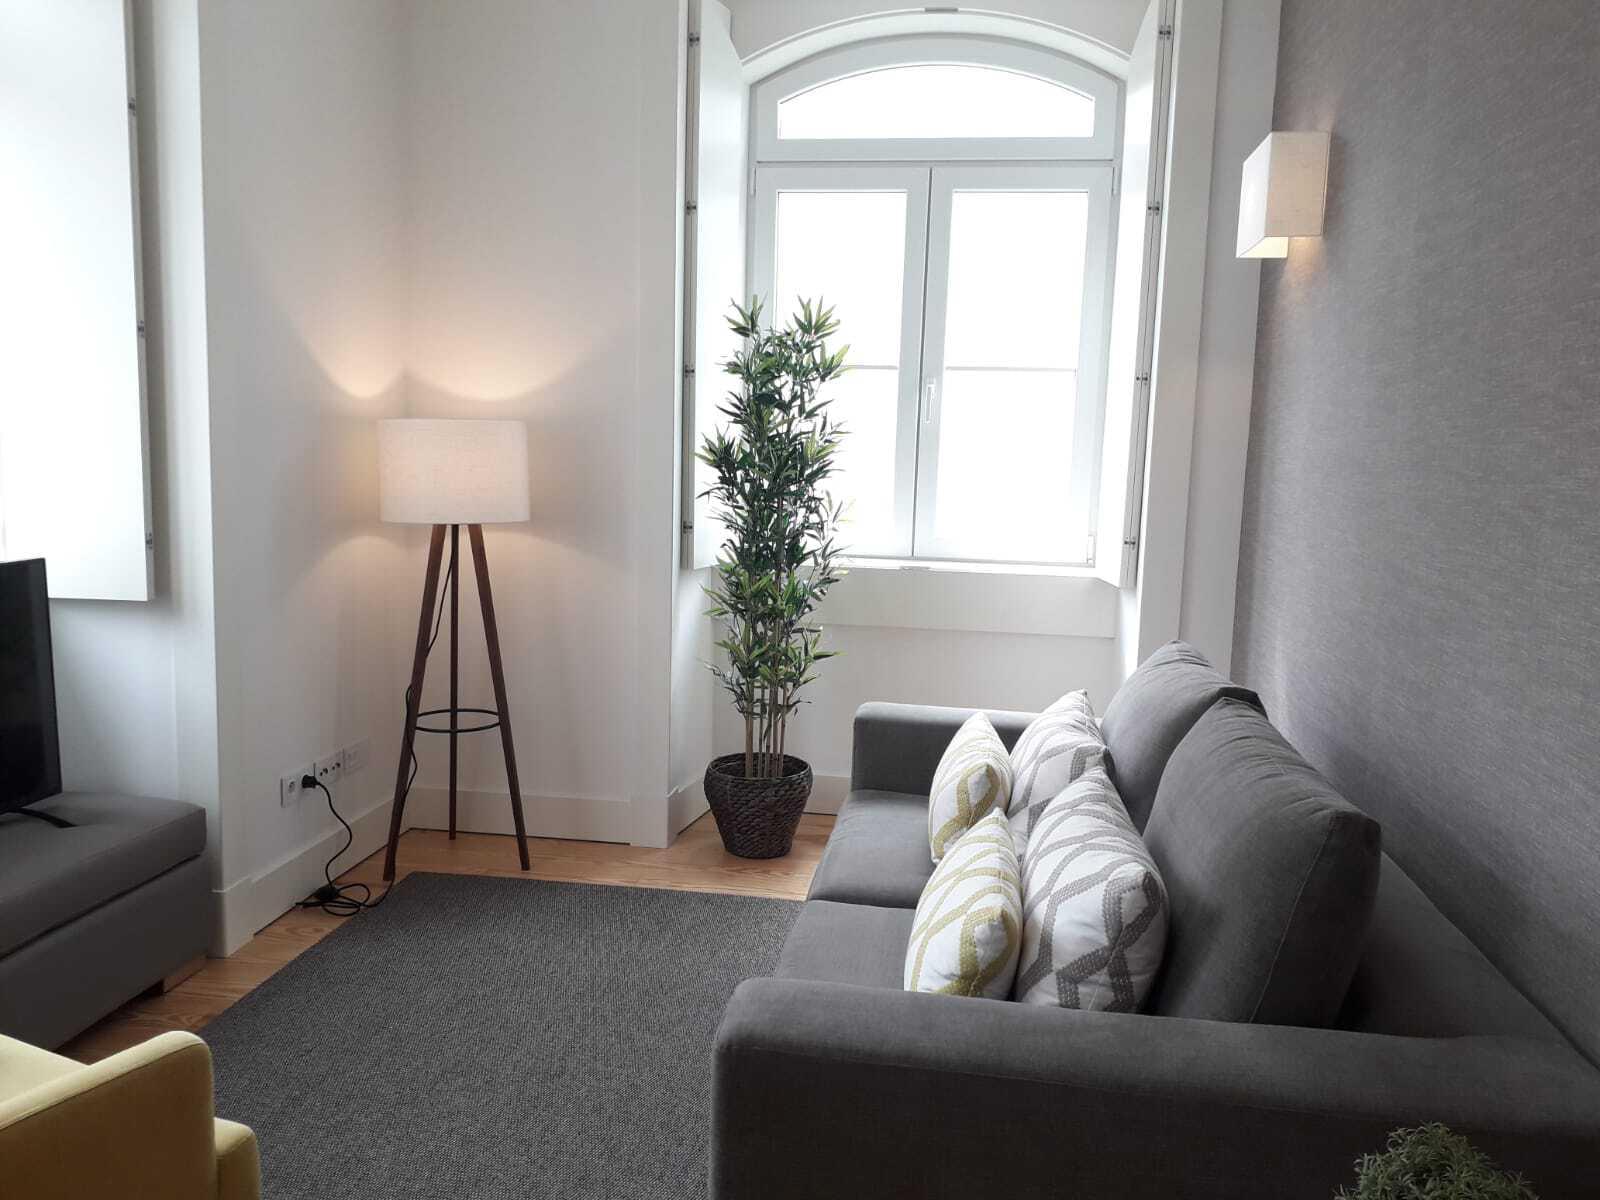 pf17866-apartamento-t1-lisboa-c369d09f-1e72-4da6-a1d0-58bb7650dd29